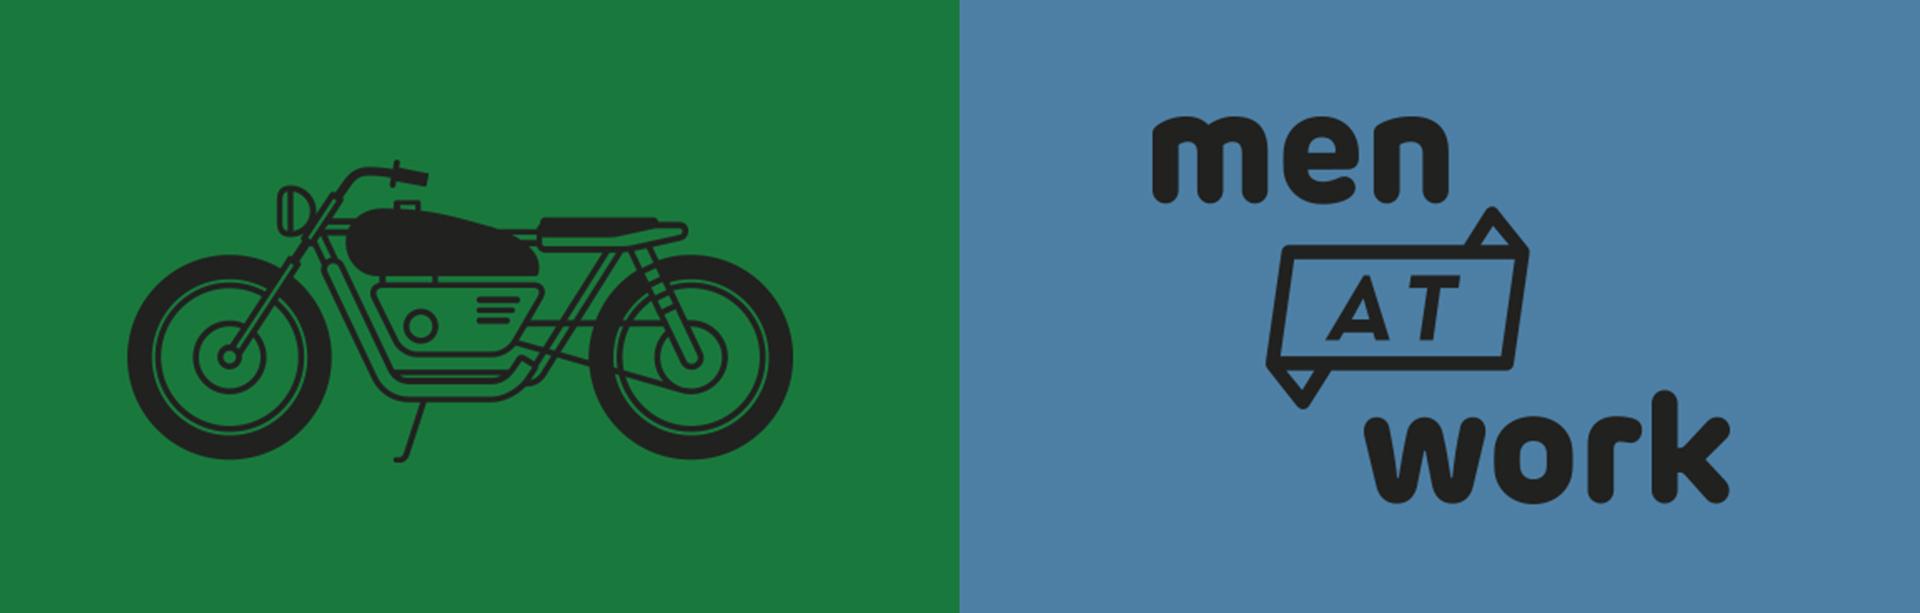 Loo&Me - Basic Elements Grafiken – Beispiel 1